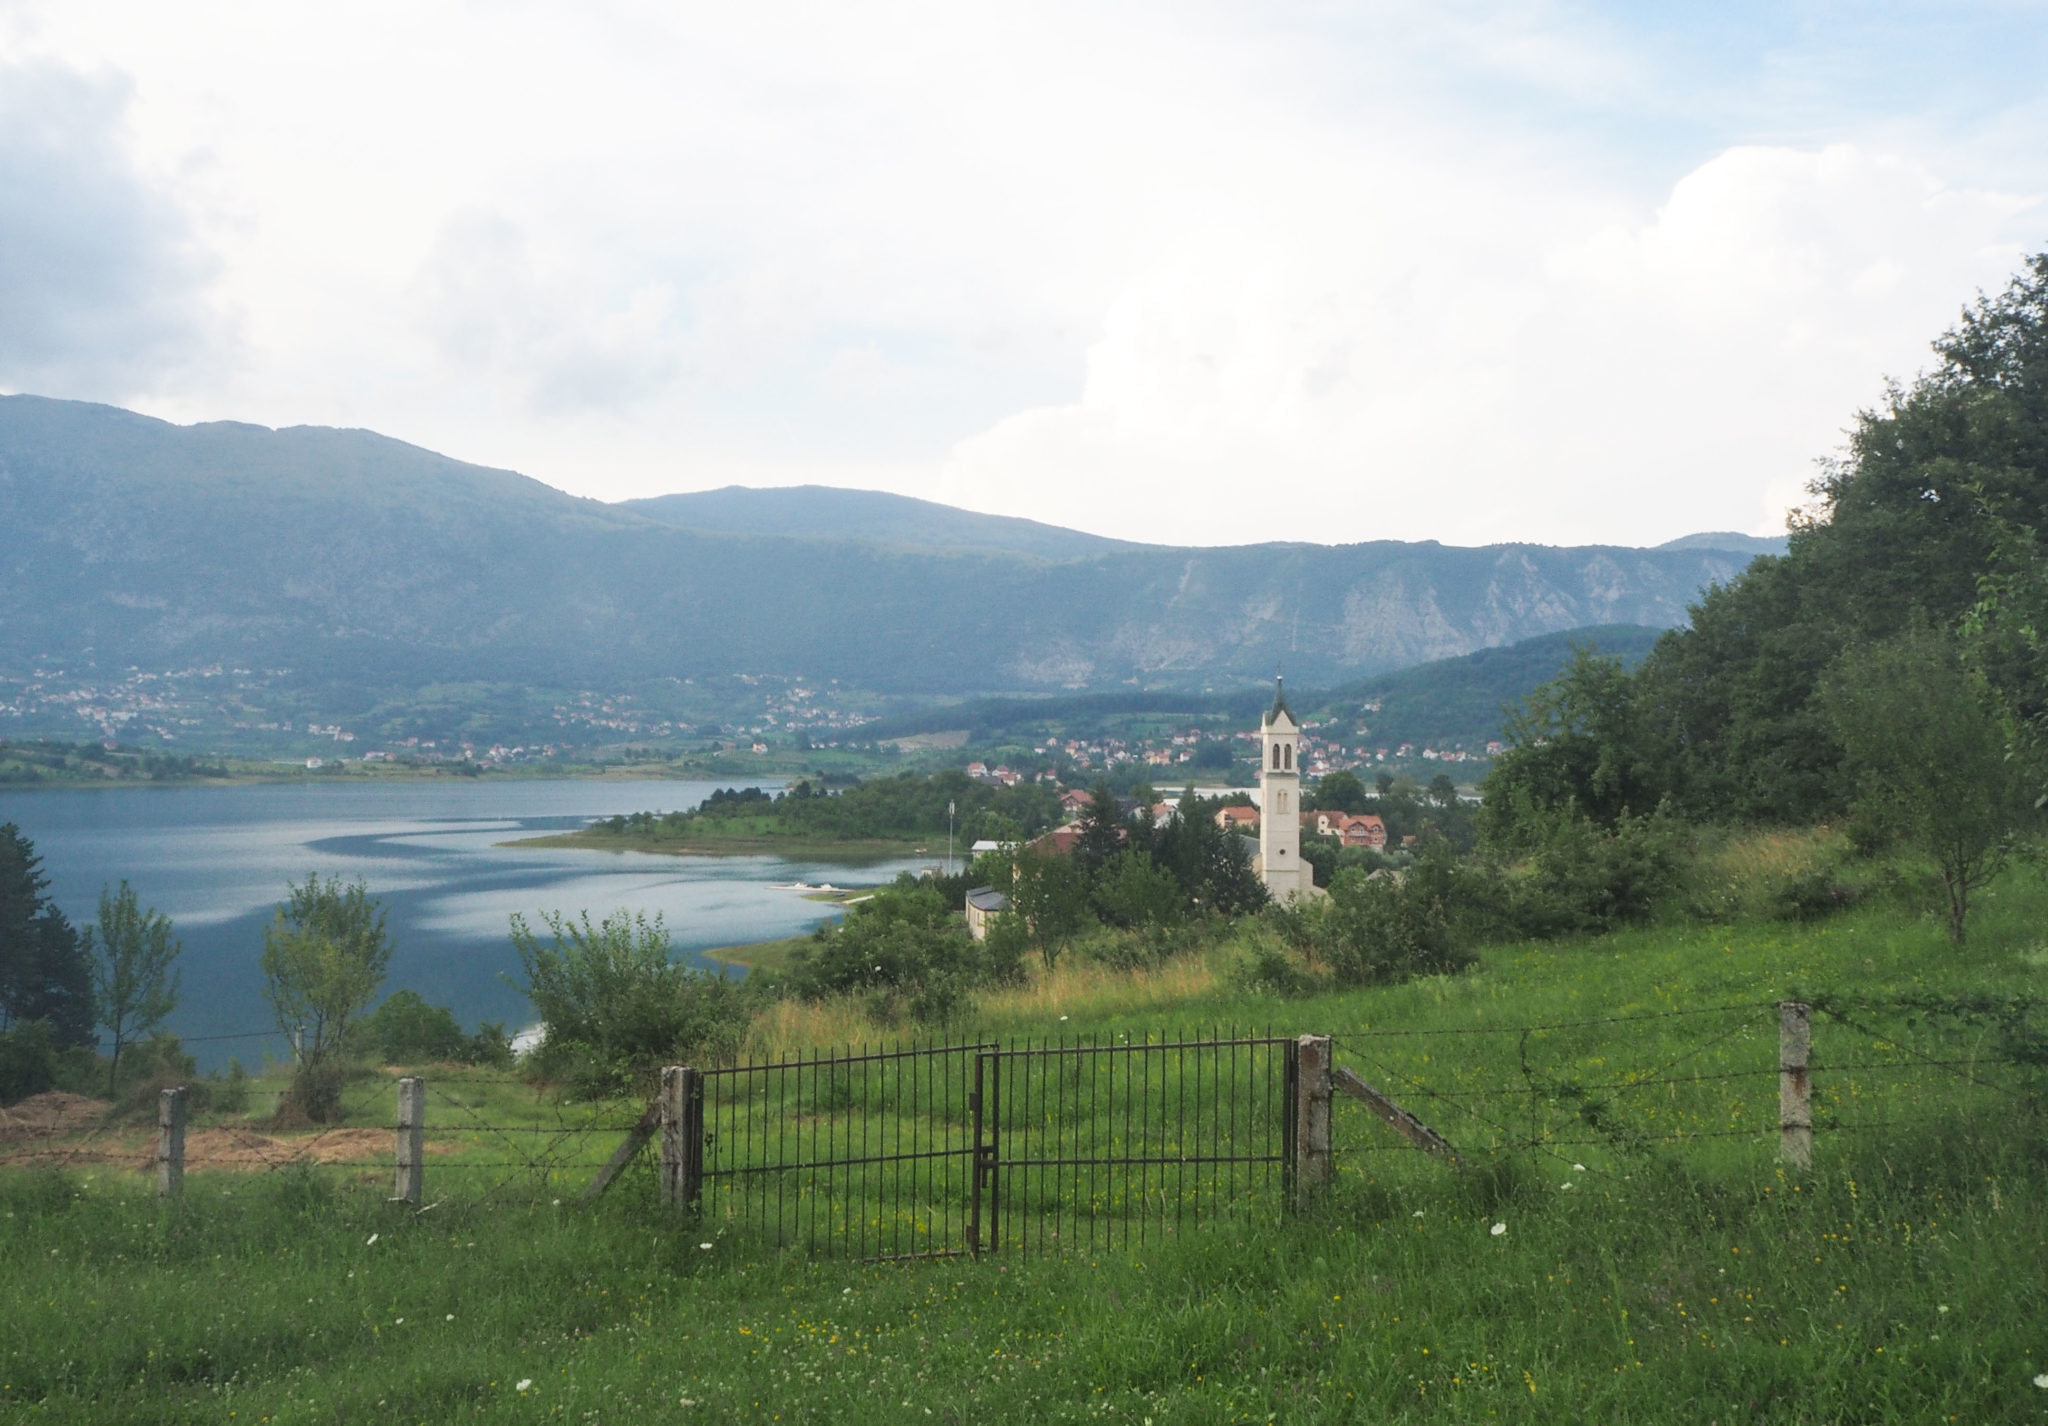 Monastère de Scit à Ramsko Jezero, le lac de Rama en Bosnie-Herzégovine - Un été nomade en Bosnie - Voyages et Vagabondages, le blog du voyage en solo et au féminin